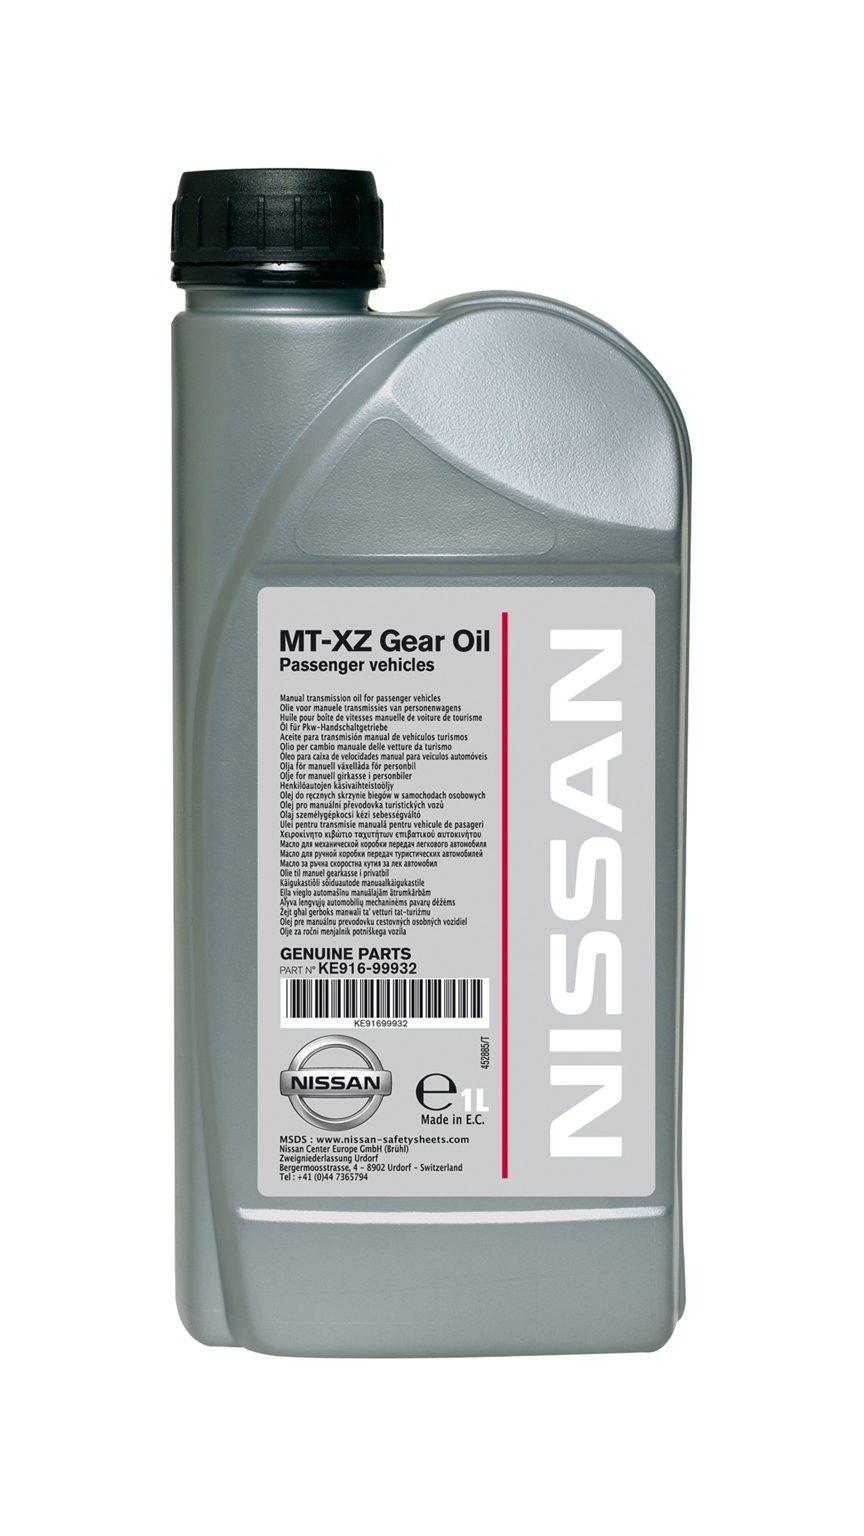 Huile moteur Nissan - Services | Nissan